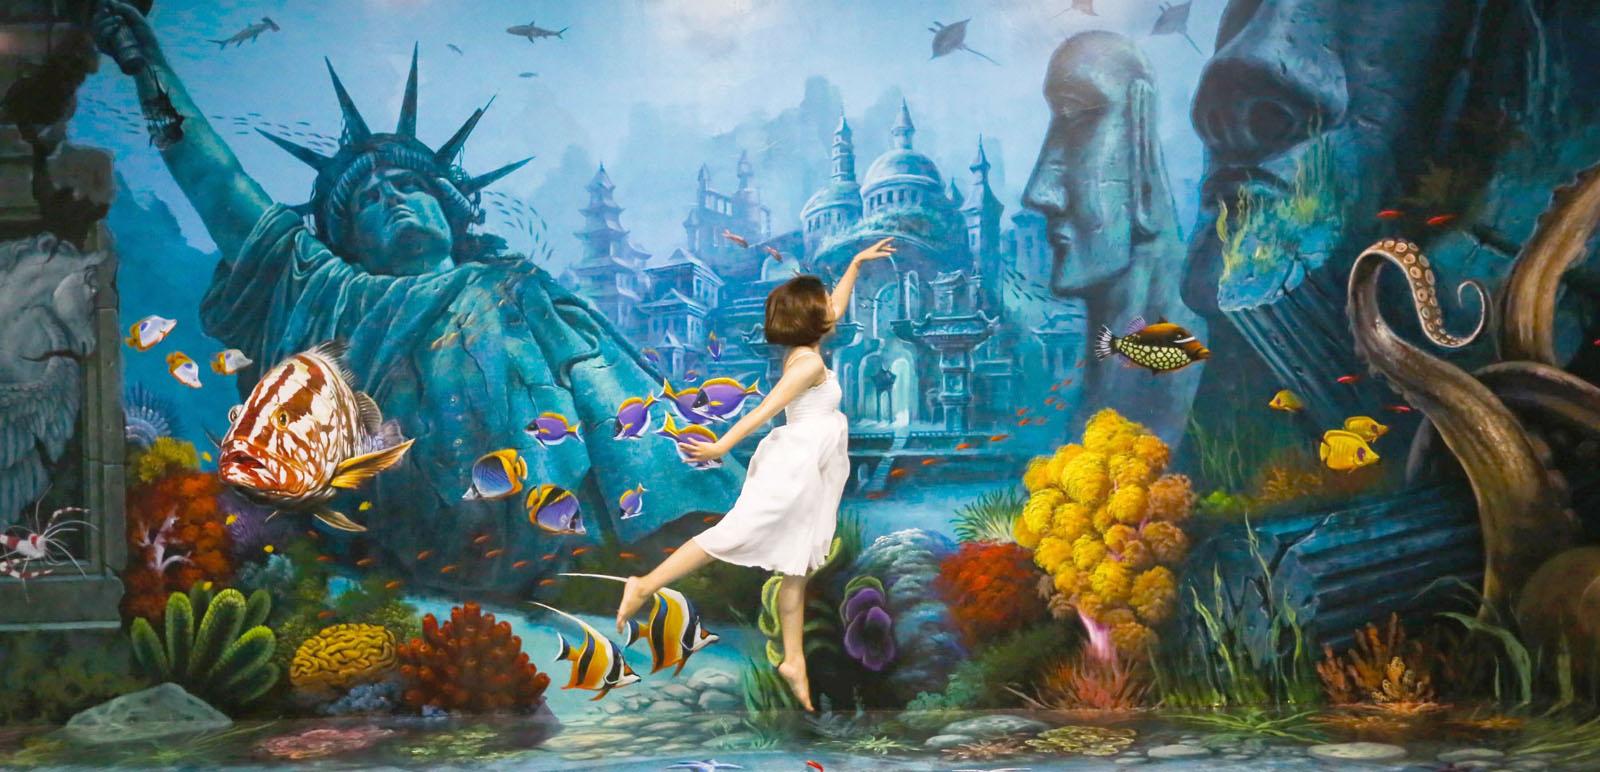 Nhận ngay ưu đãi khi đặt vé Art in Paradise Danang - Phòng tranh 3D Art Đà Nẵng trên Danang FantastiCity 1